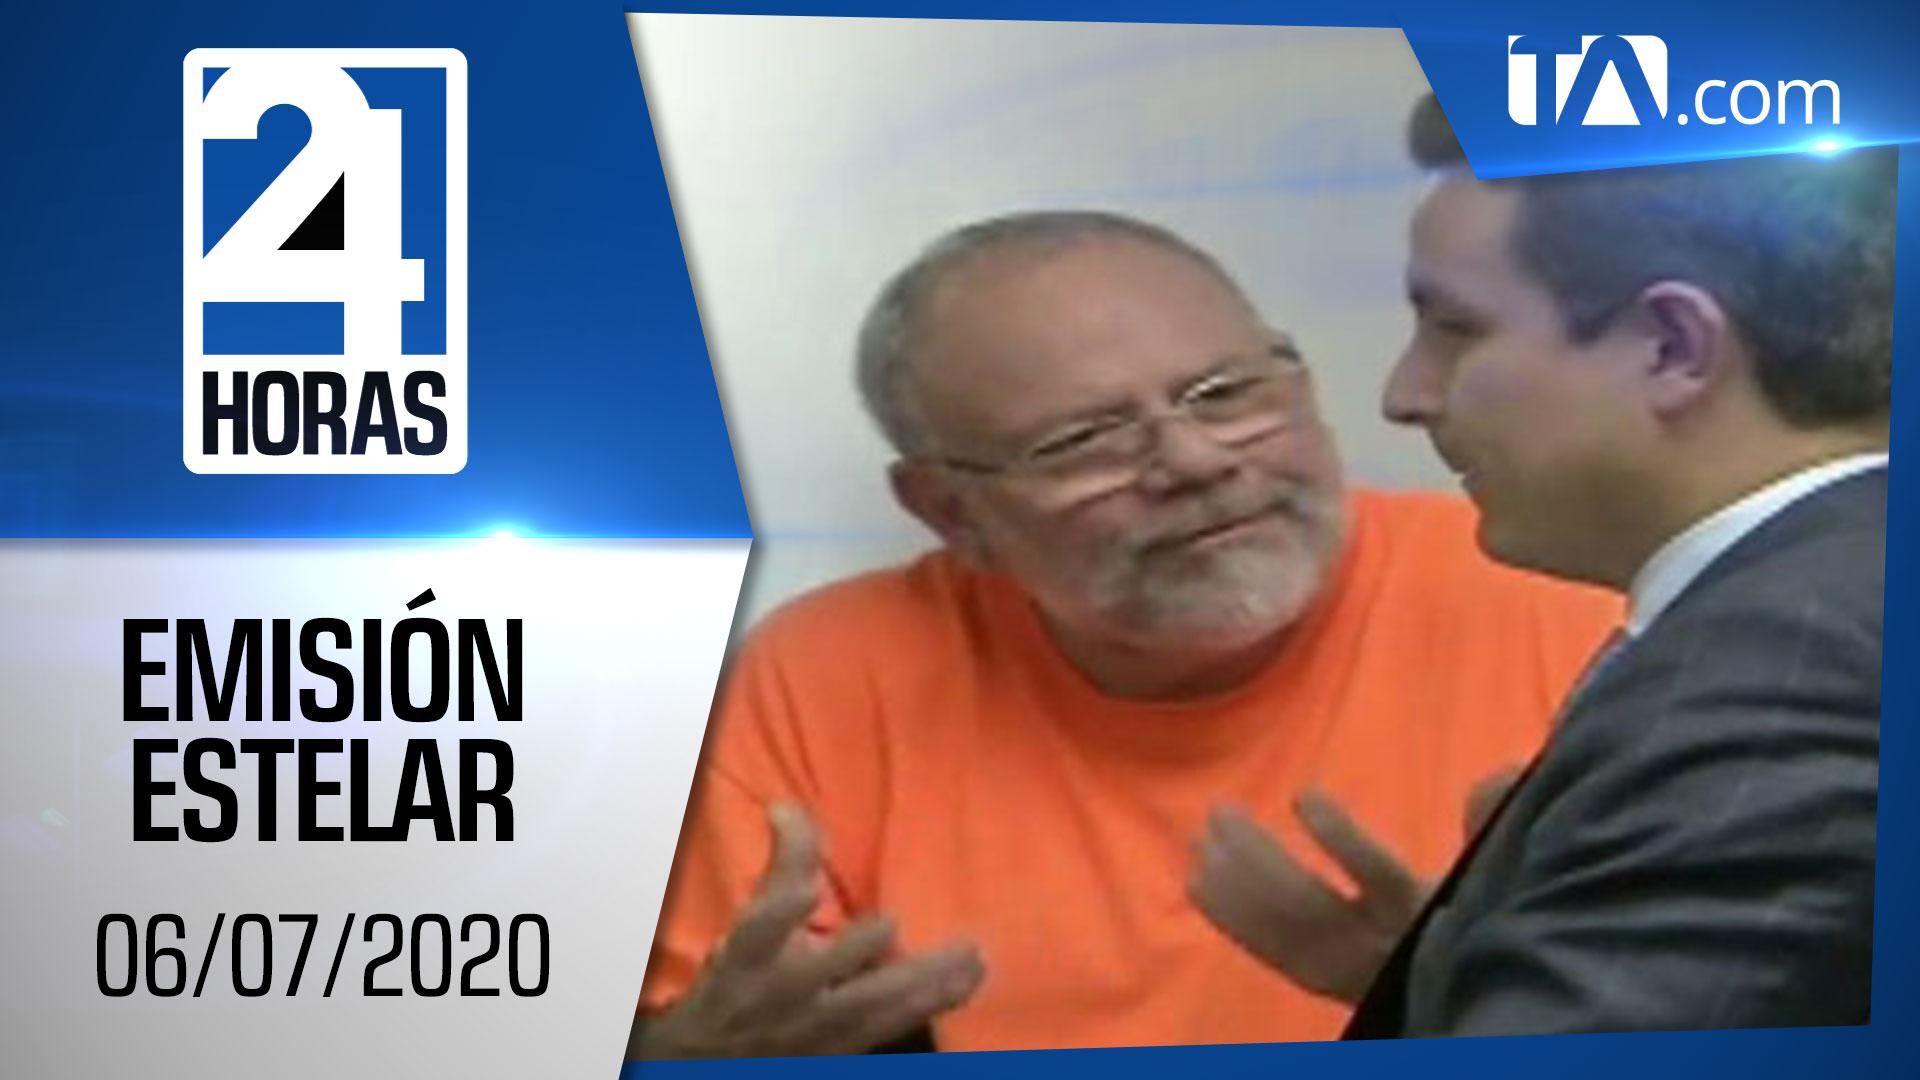 Noticias Ecuador: Noticiero 24 Horas, 06/07/2020 (Emisión Estelar)